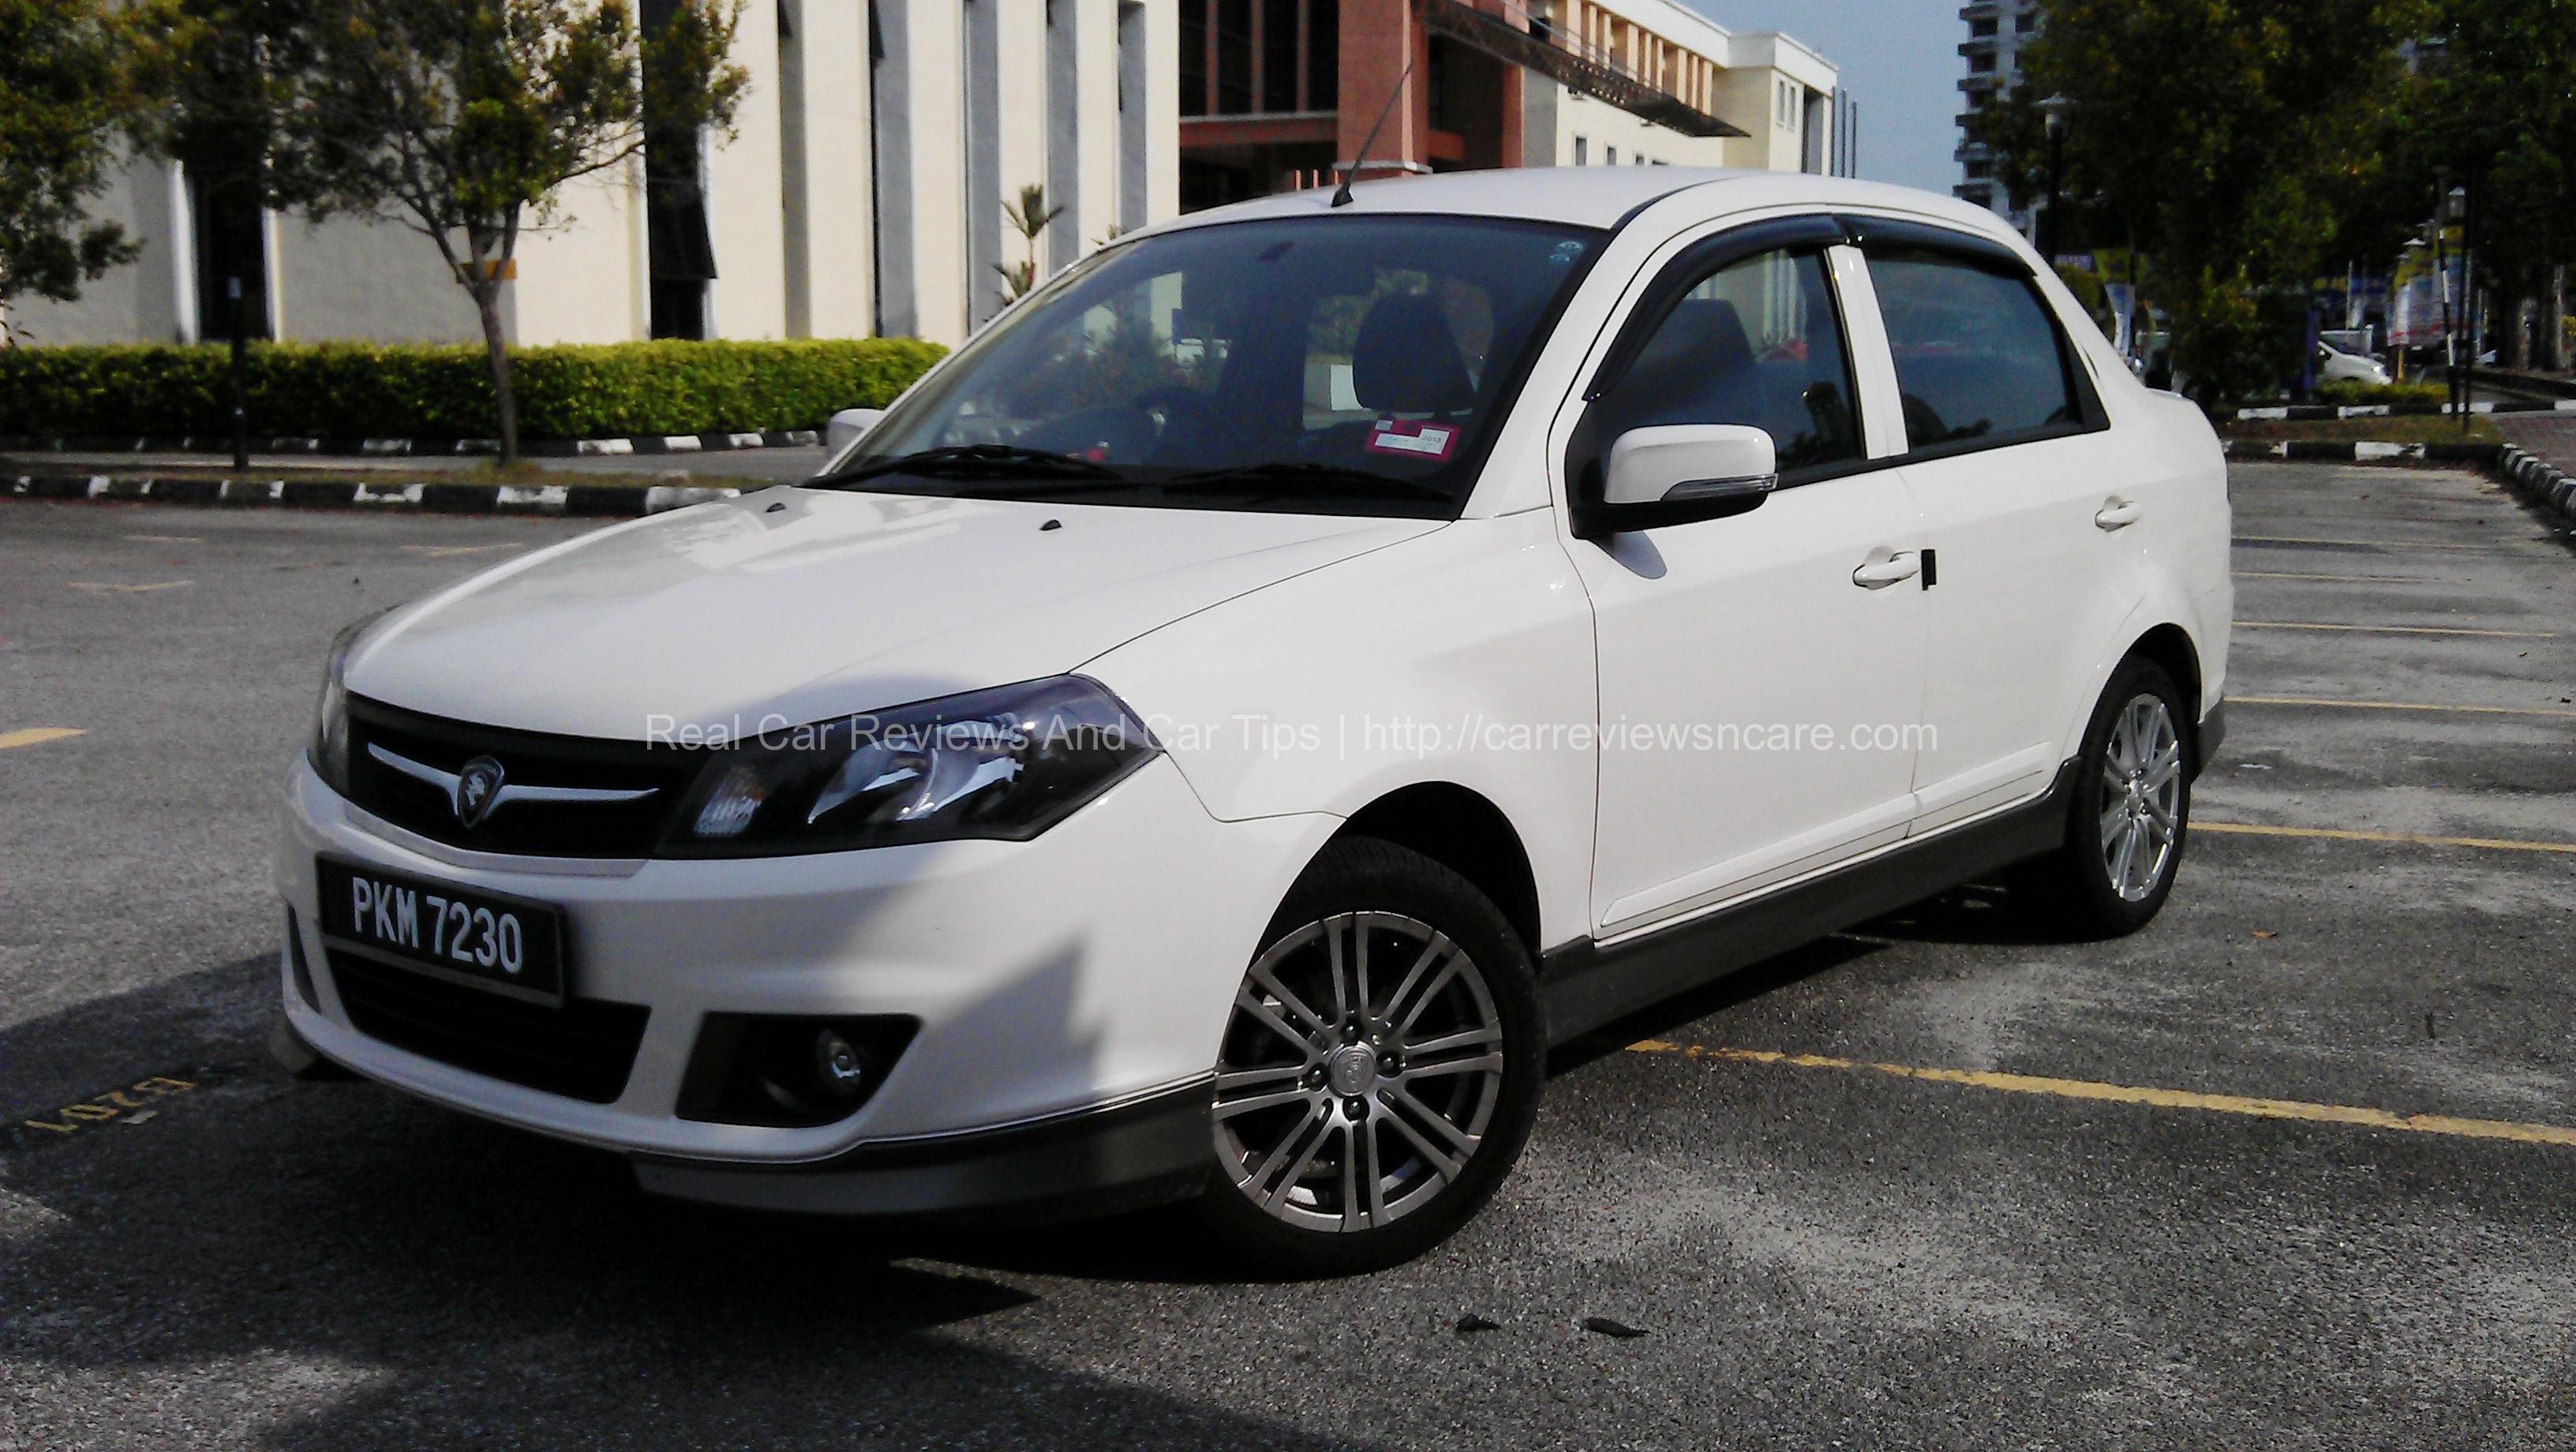 White Proton Saga FLX 1.6 SE